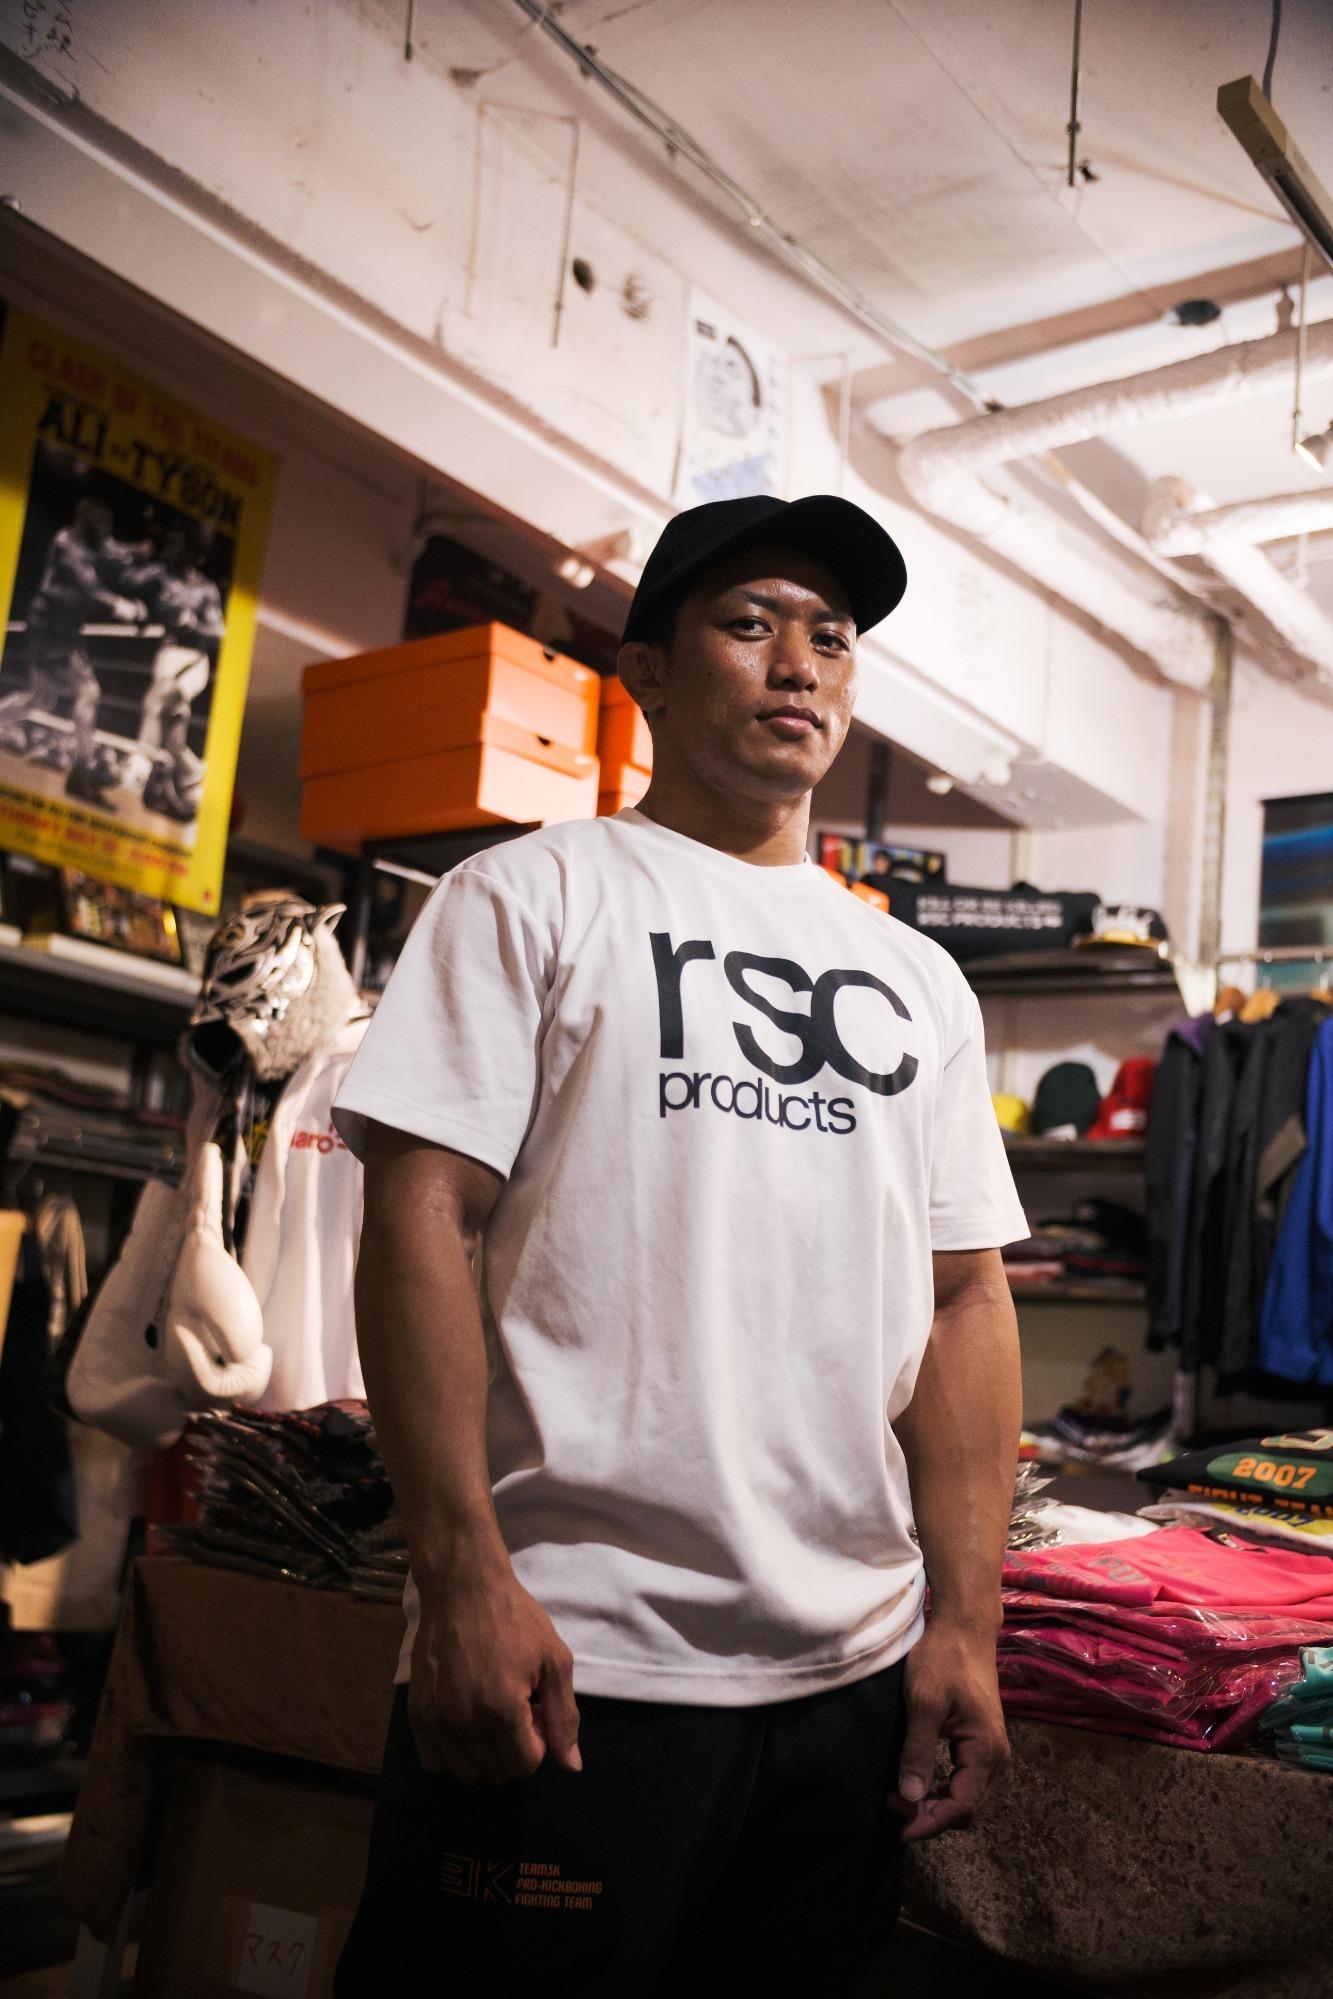 八木敬志|rsc products公式ウェブサイト